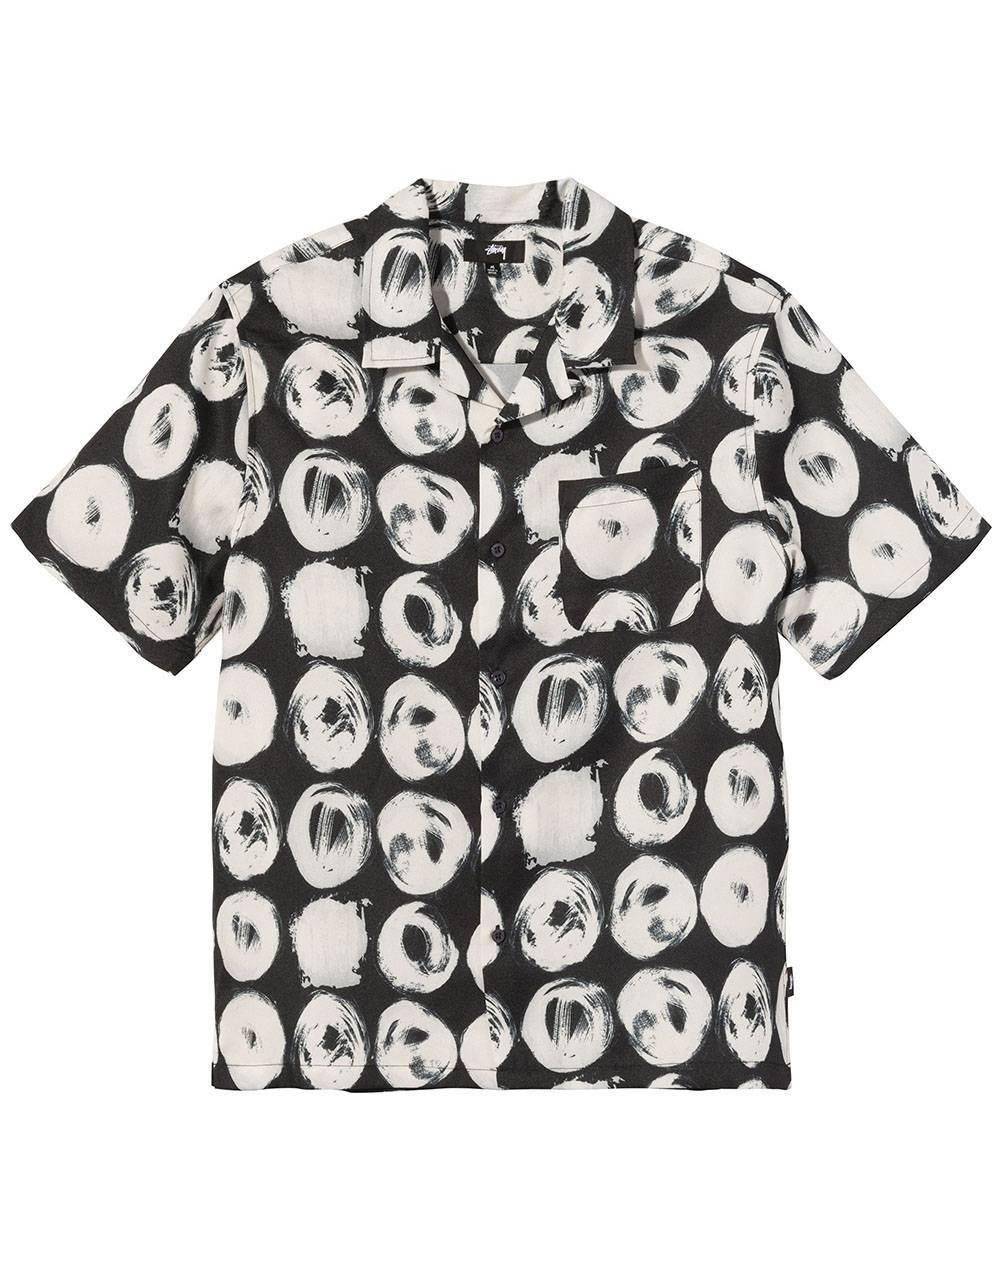 Stussy Hand drawn dot shirt - black Stussy Shirt 155,00€